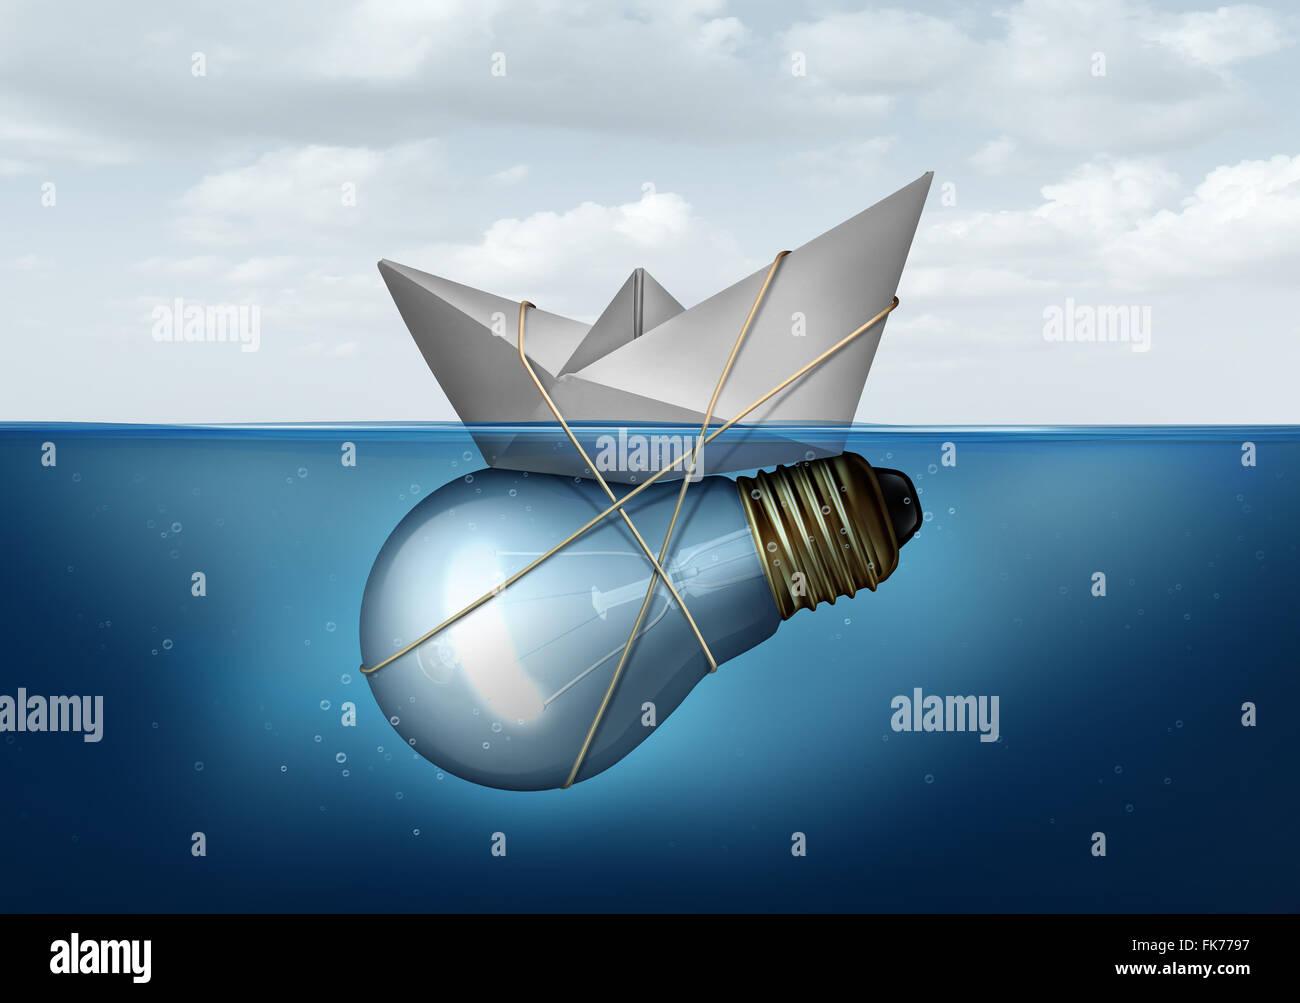 Solución innovadora y empresarial El concepto creativo como un barco de papel atado a una bombilla o bombilla Imagen De Stock